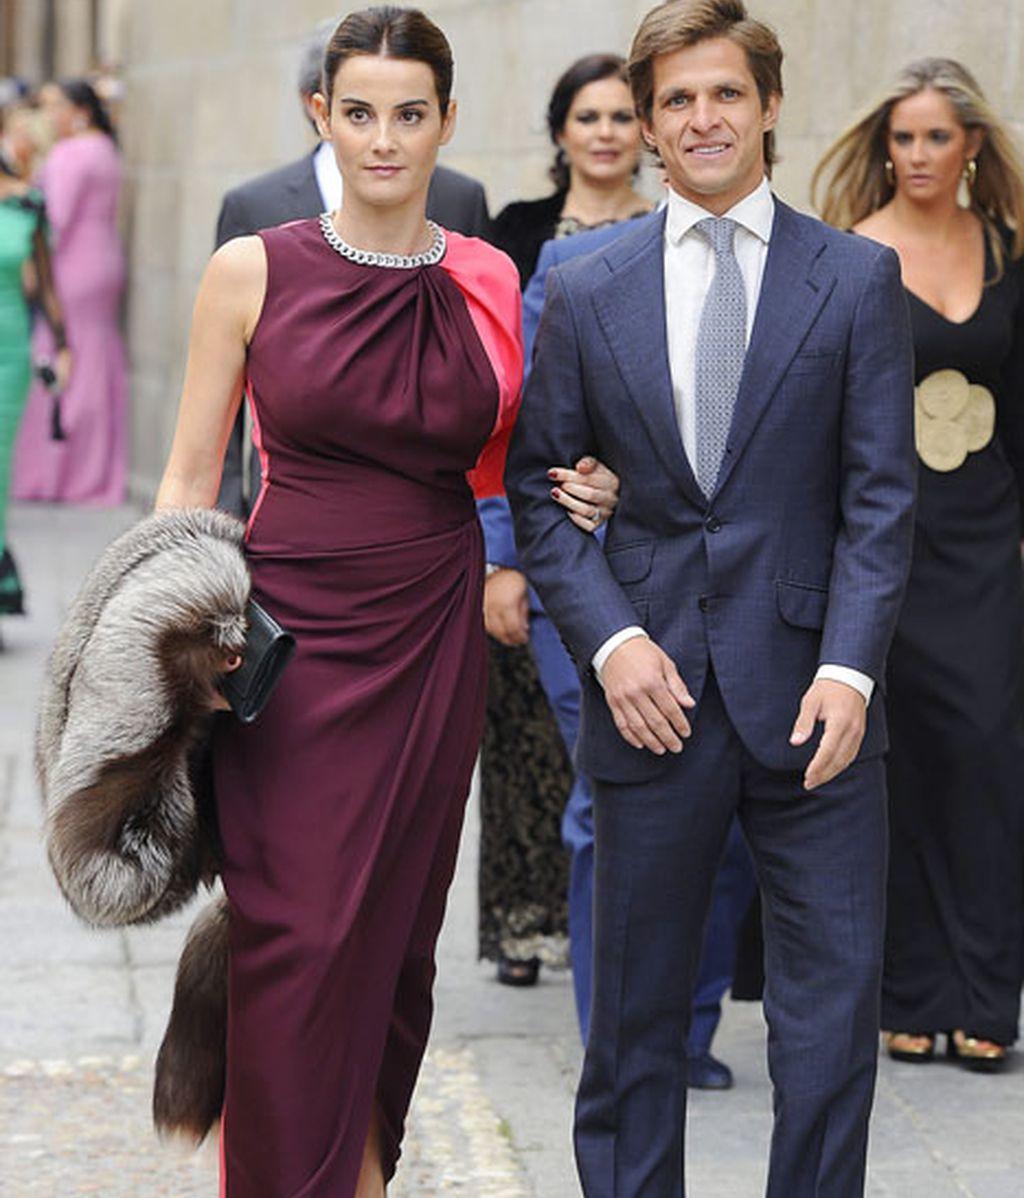 El Juli y su mujer, Rosario Domeq, embarazada de su tercer hijo